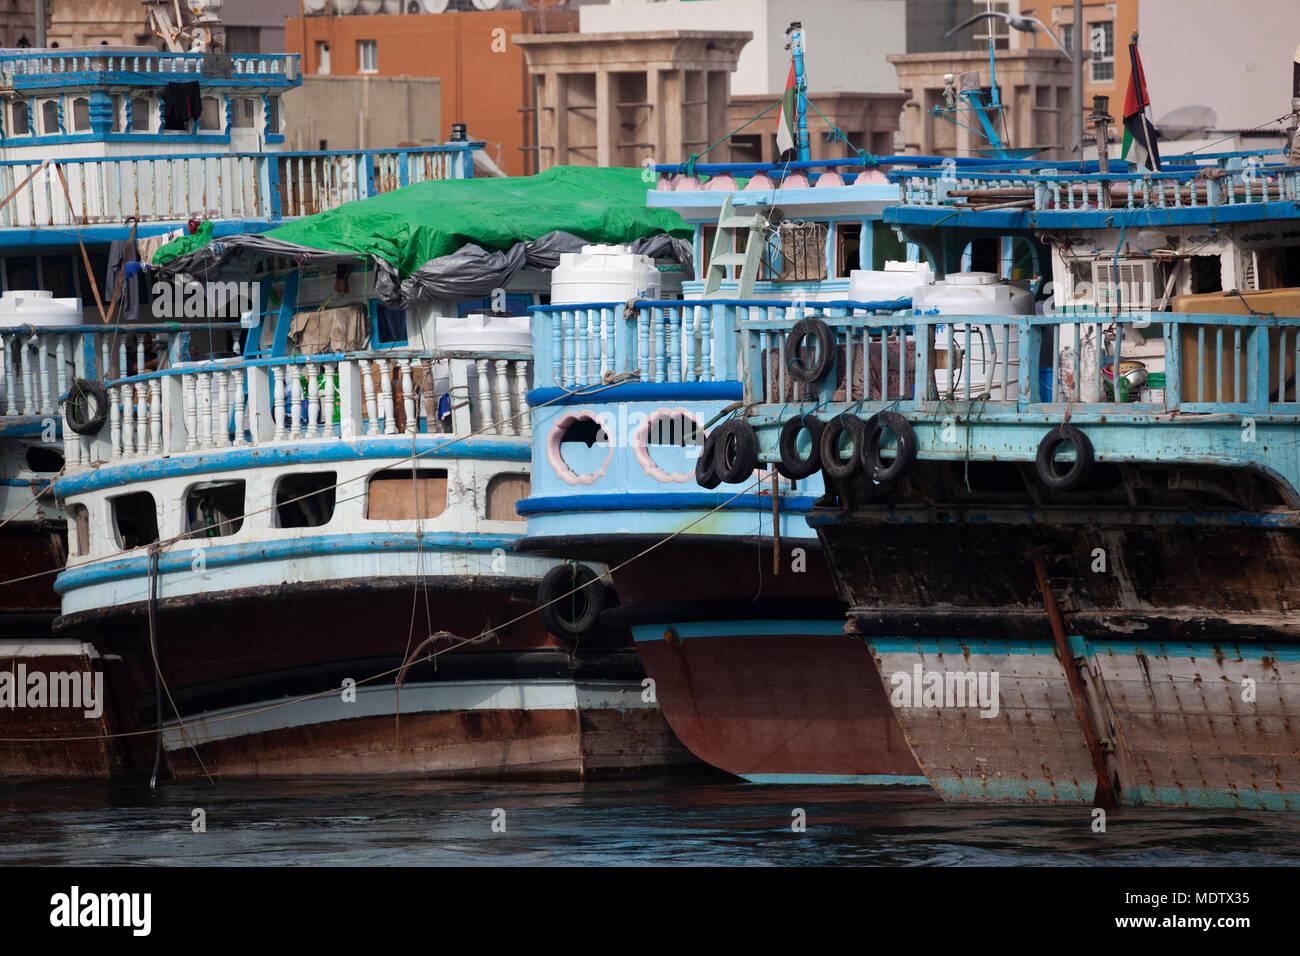 Blue poppe di dhows mooored lungo il Torrente di Dubai, Deira, Dubai, Emirati Arabi Uniti, Medio Oriente Immagini Stock